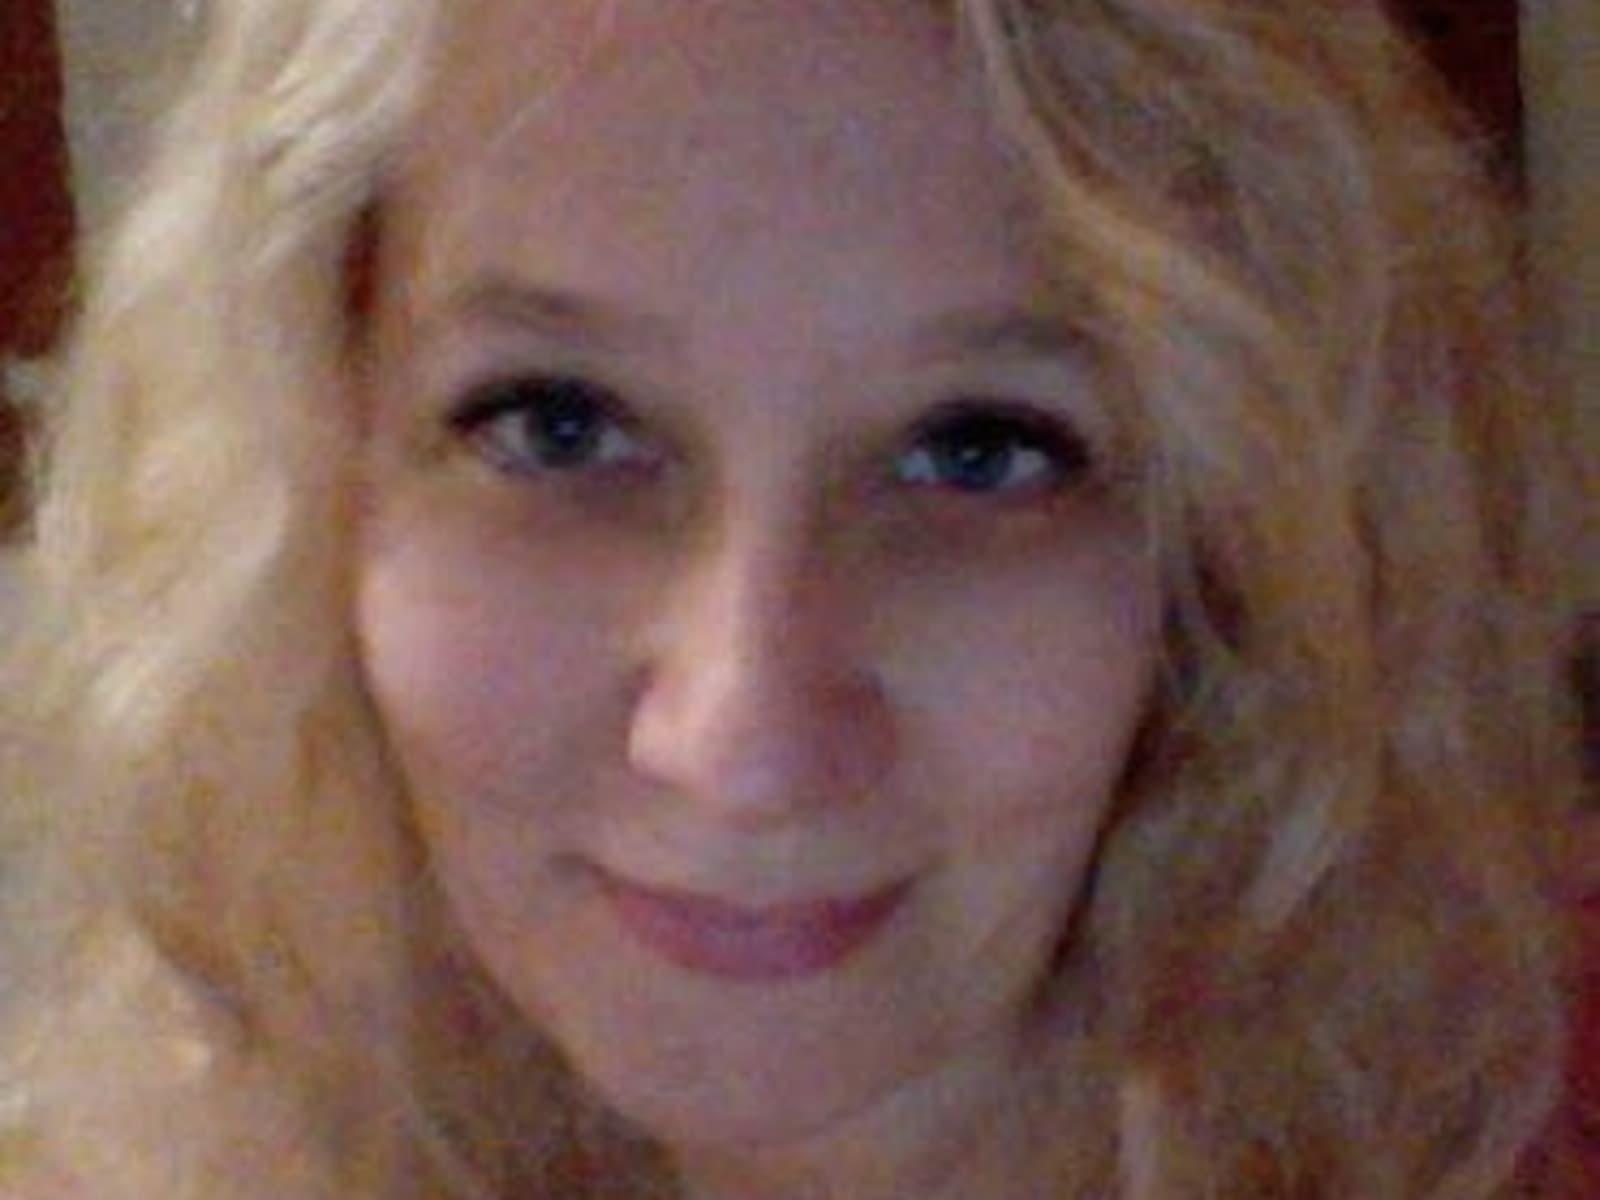 Birgit from Vienna, Austria